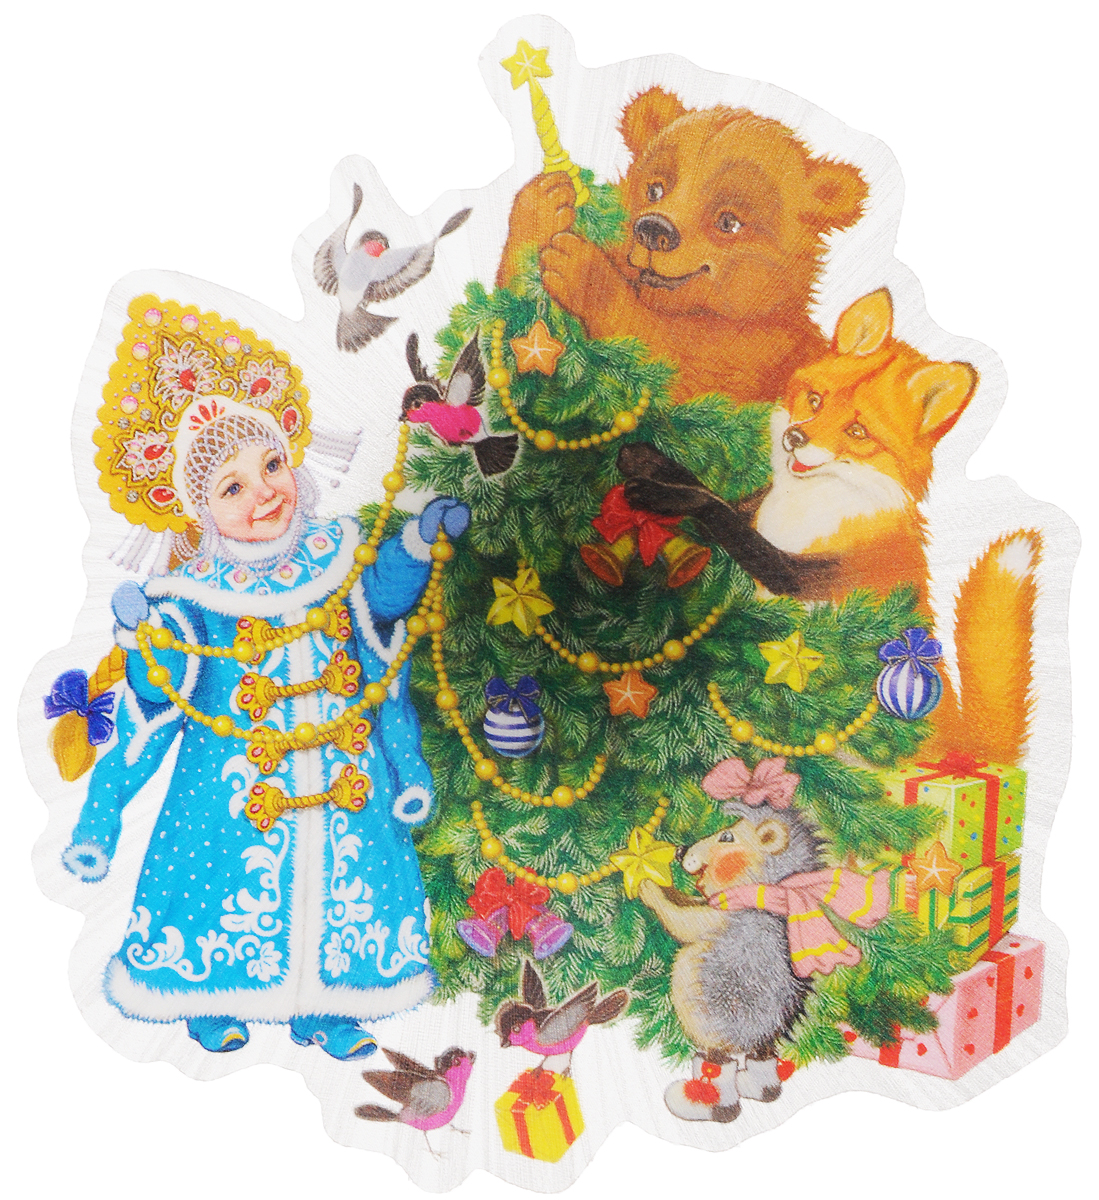 Украшение новогоднее Magic Time Снегурочка и зверята, со светодиодной подсветкой, 11,5 x 11,5 x 3 см украшение новогоднее оконное magic time снегурочка и зверята 30 х 38 см